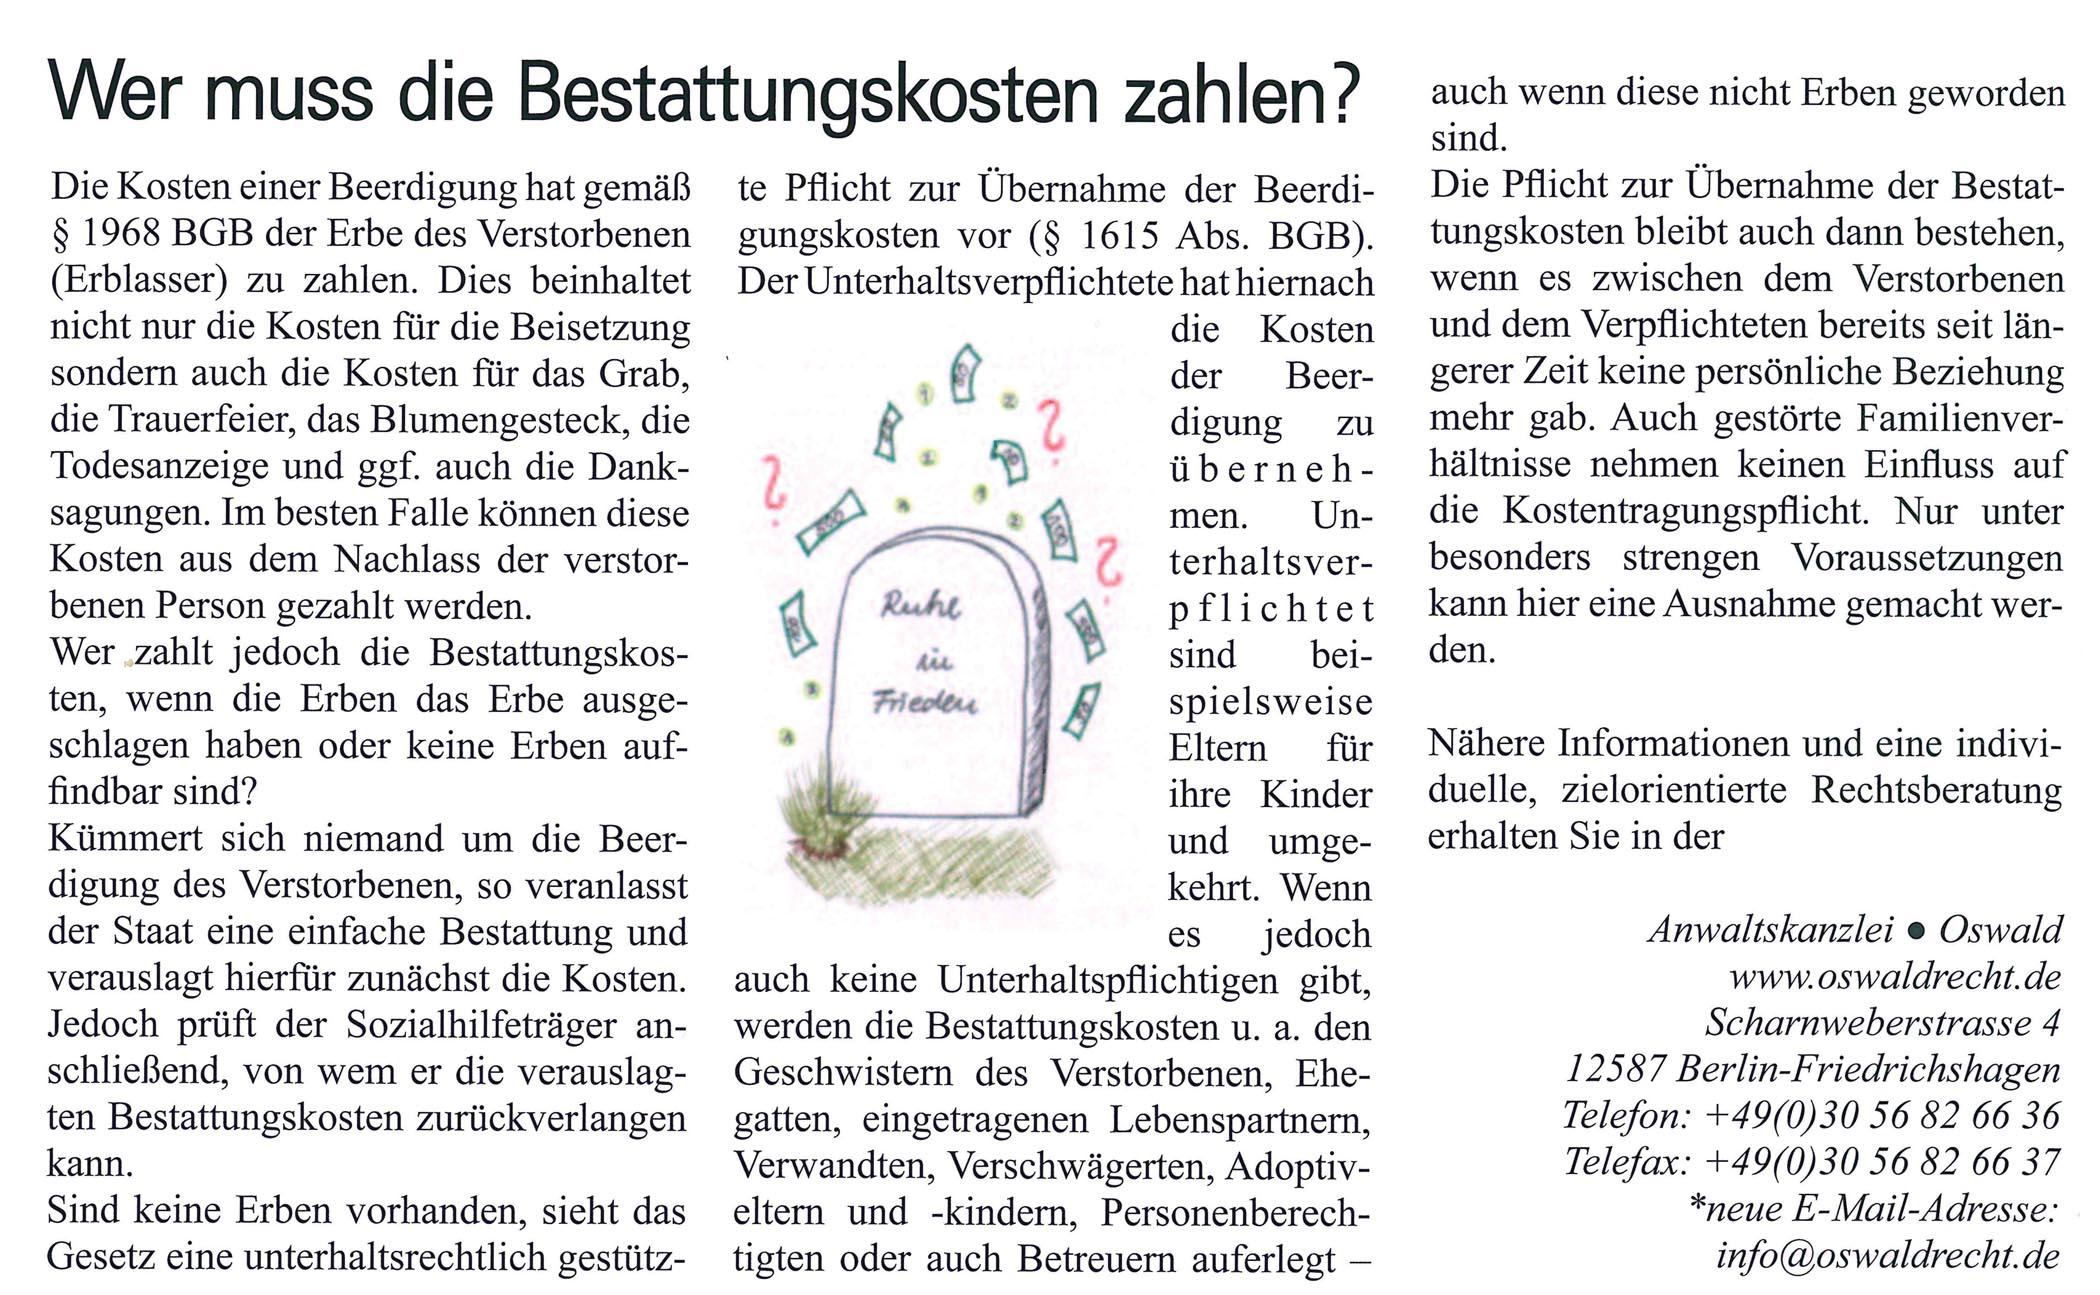 Wer_muss_die_Bestattungskosten_zahlen_oswaldrecht_de